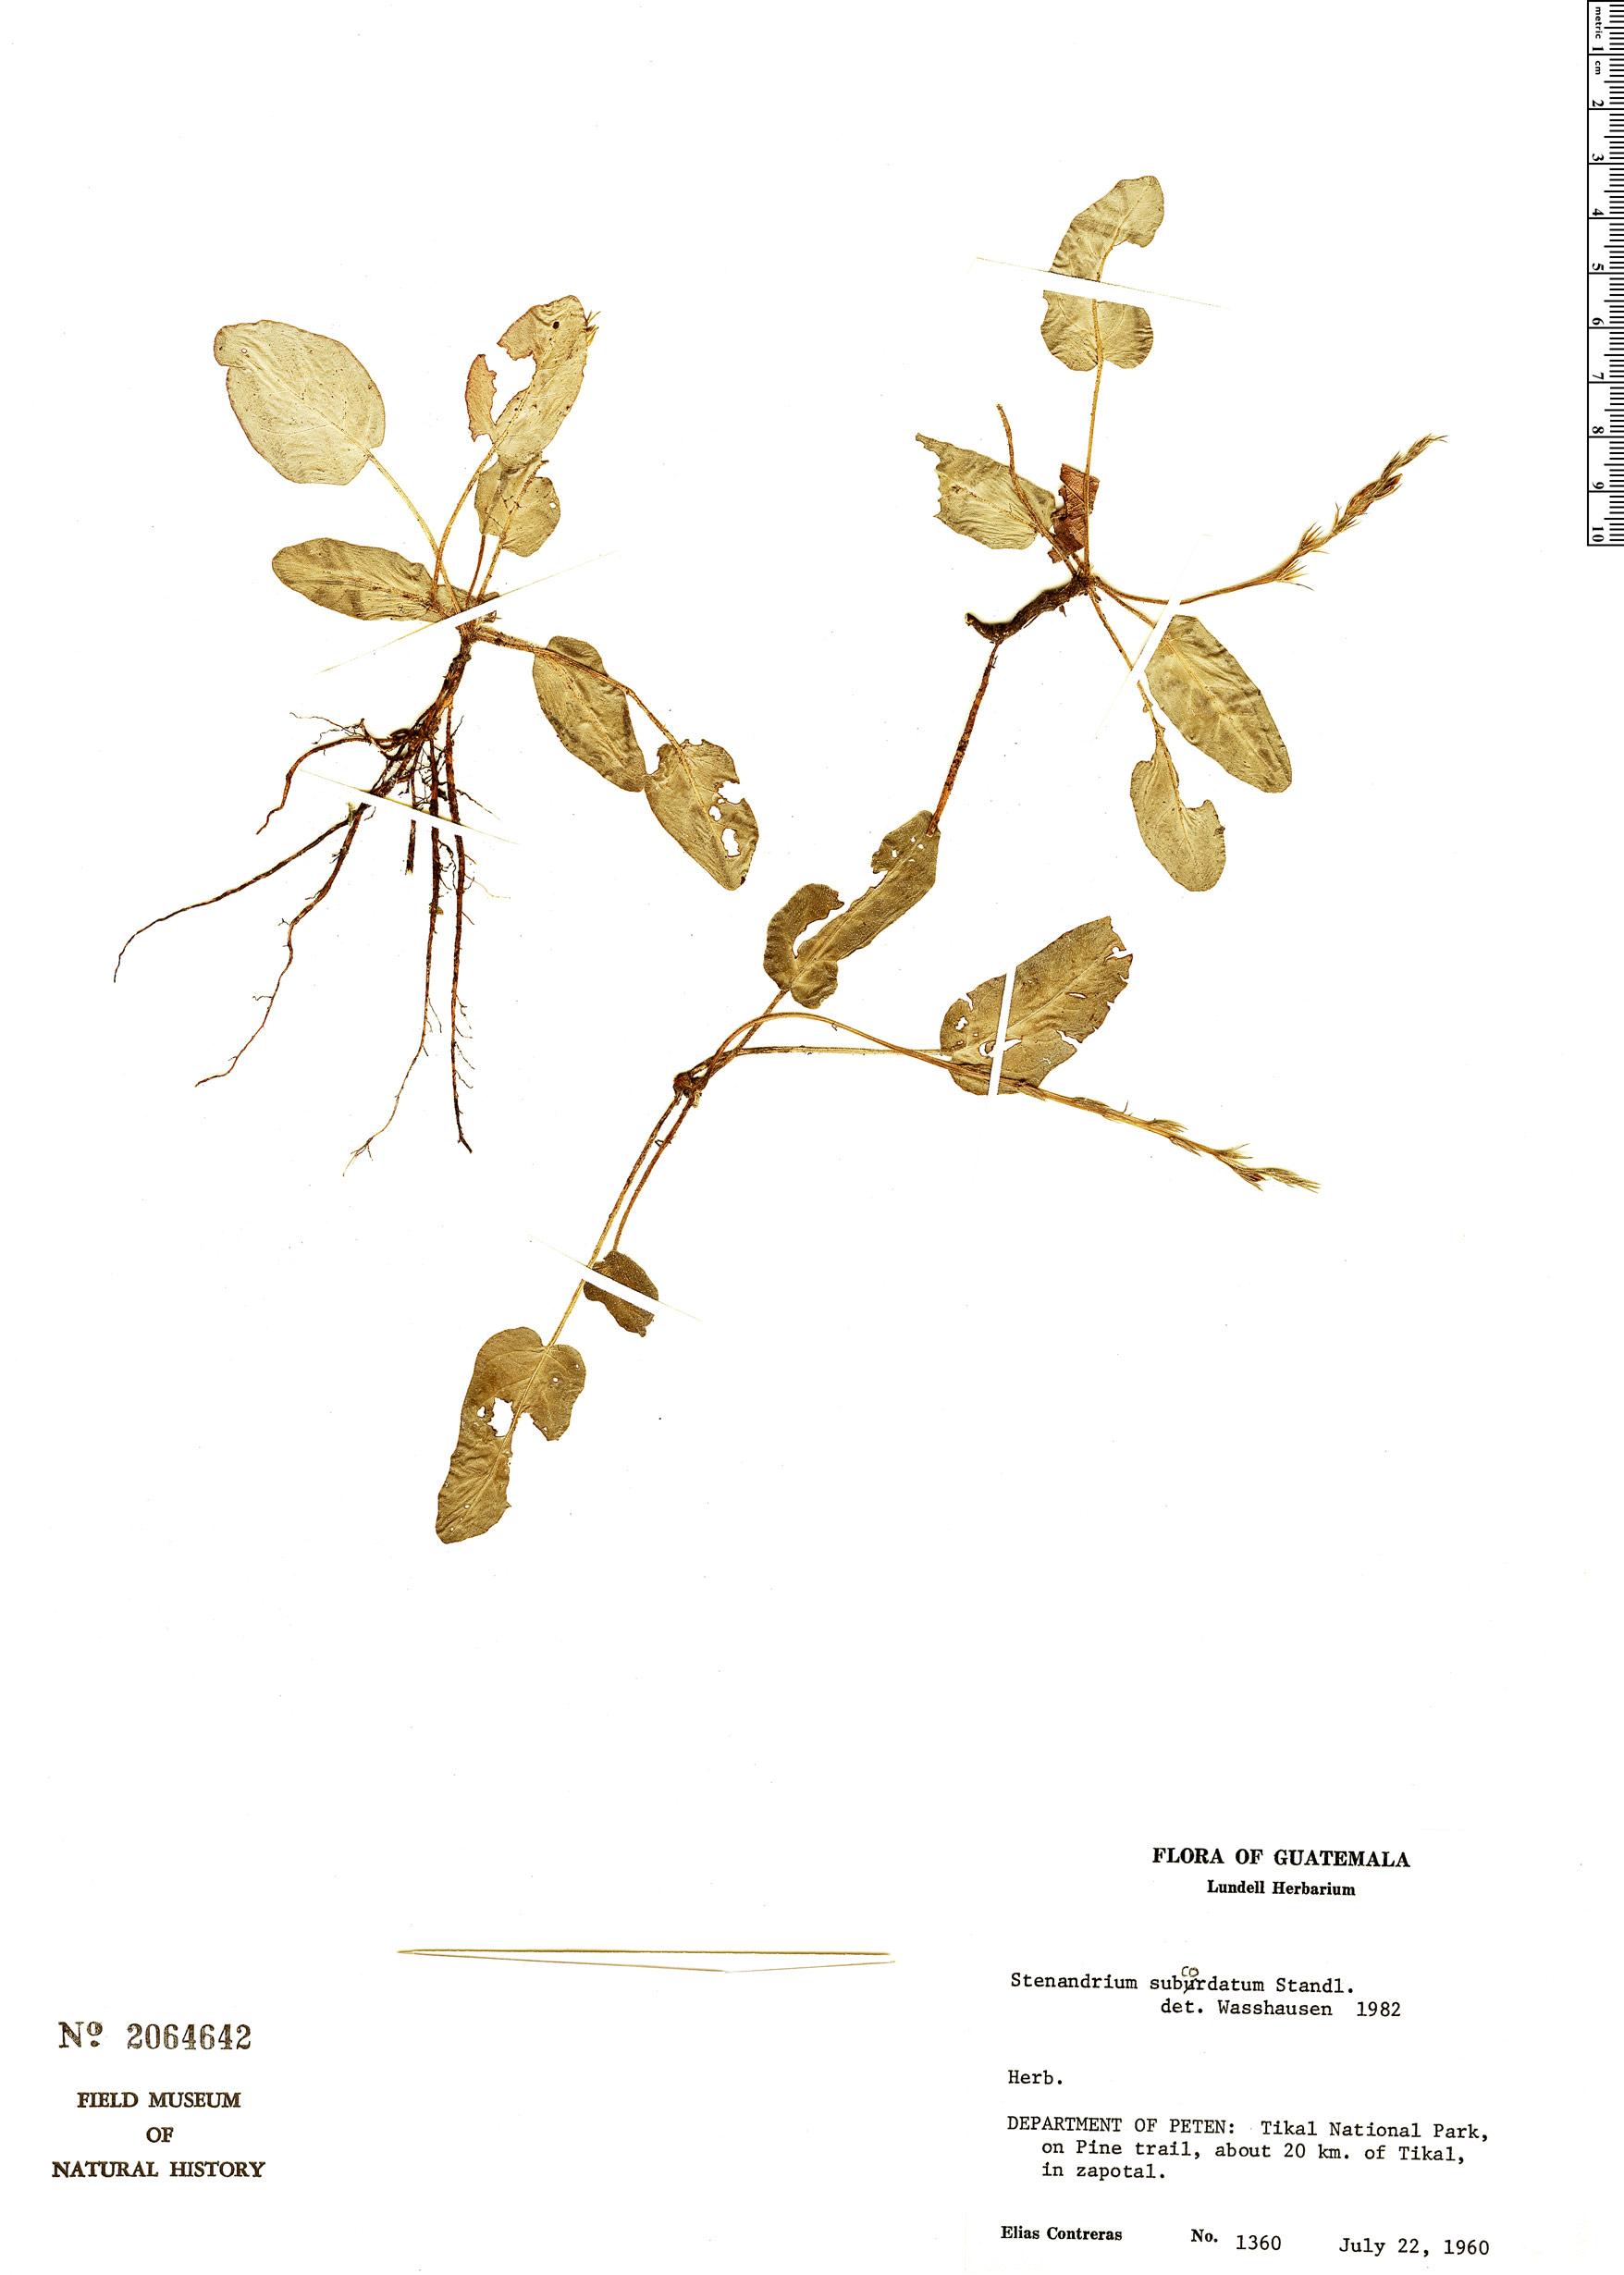 Specimen: Stenandrium subcordatum